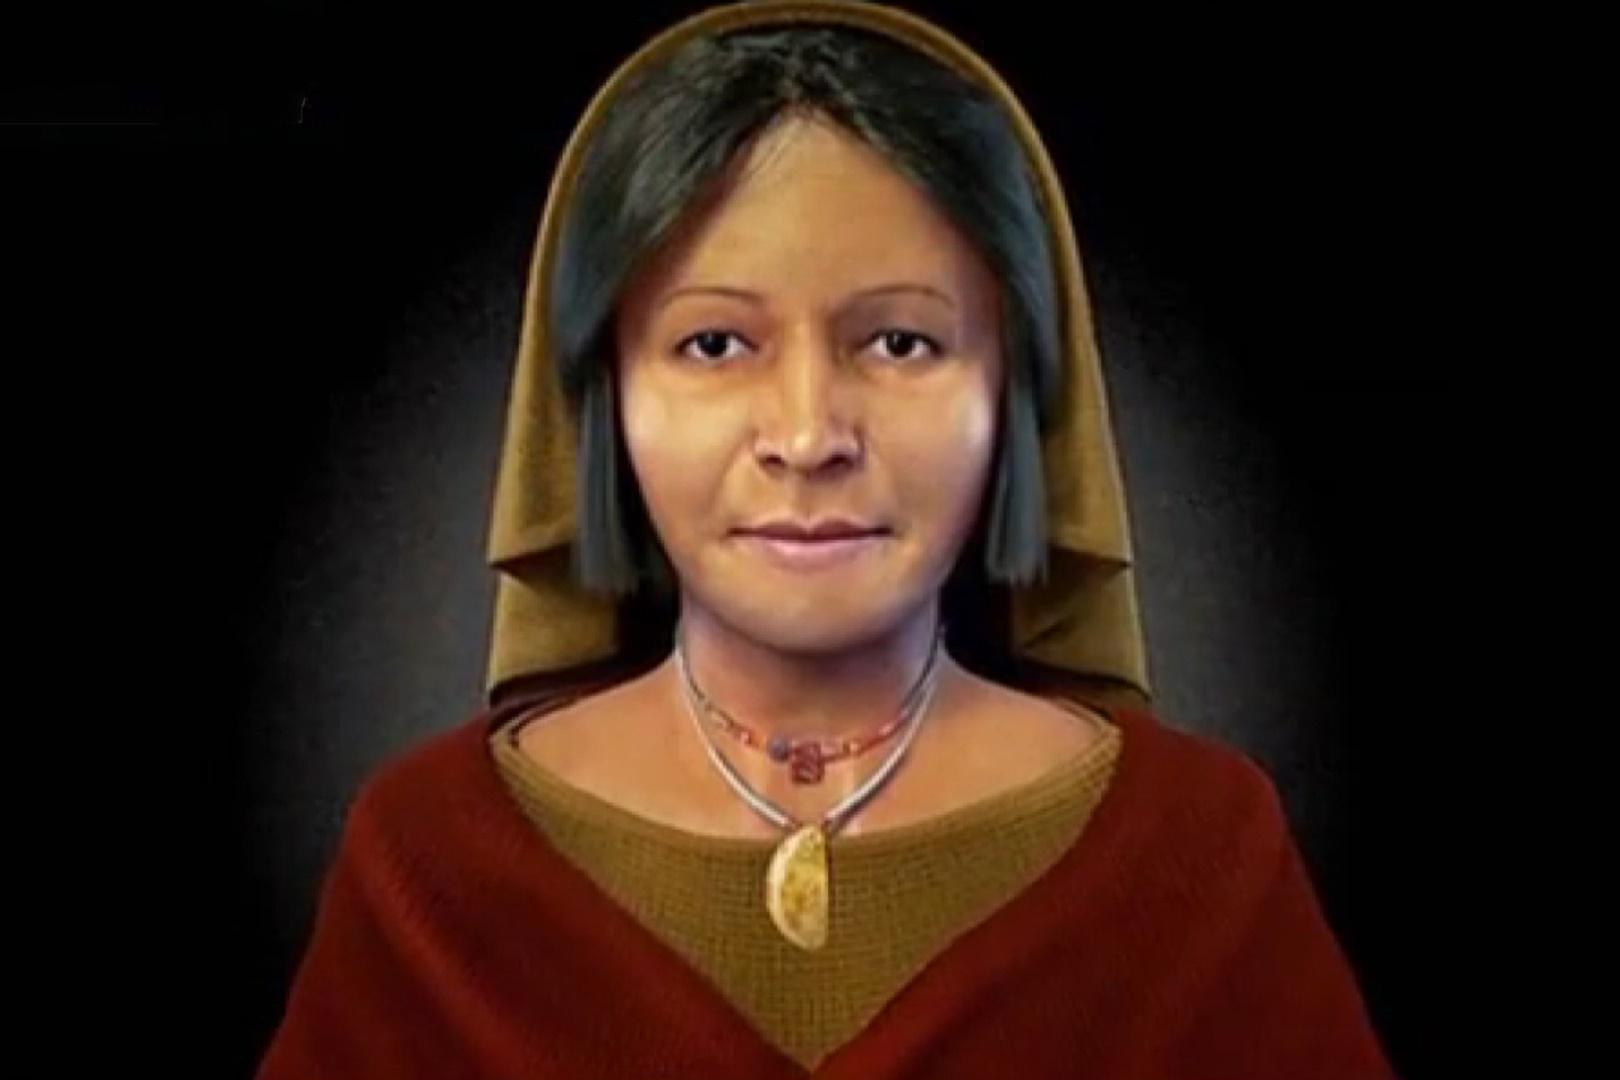 فیلم | بازسازی دیجیتال چهره یک زن متعلق به تمدن باستانی